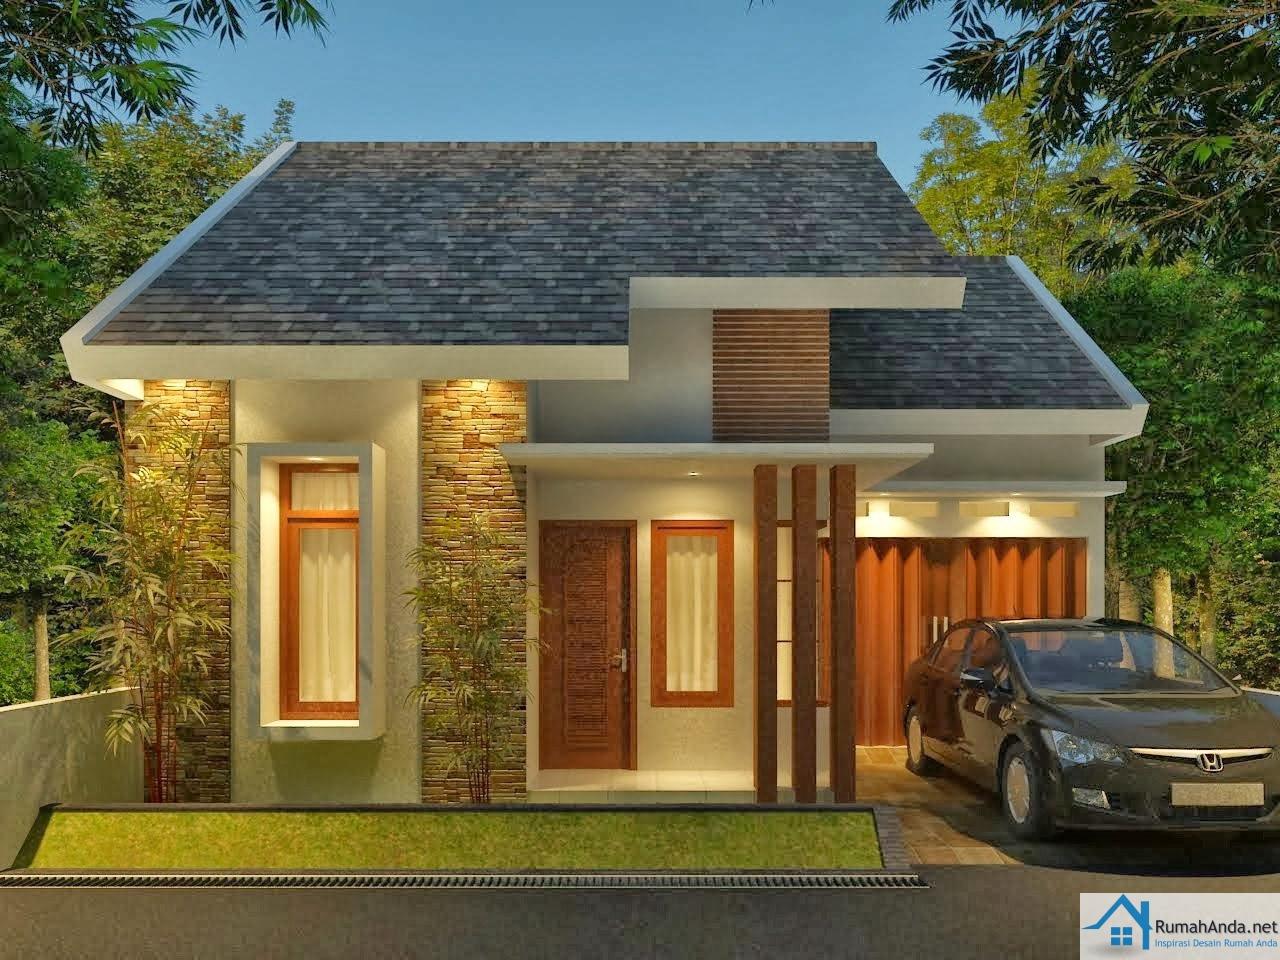 107 Desain Rumah Minimalis Modern Lantai Satu Gambar Desain Rumah